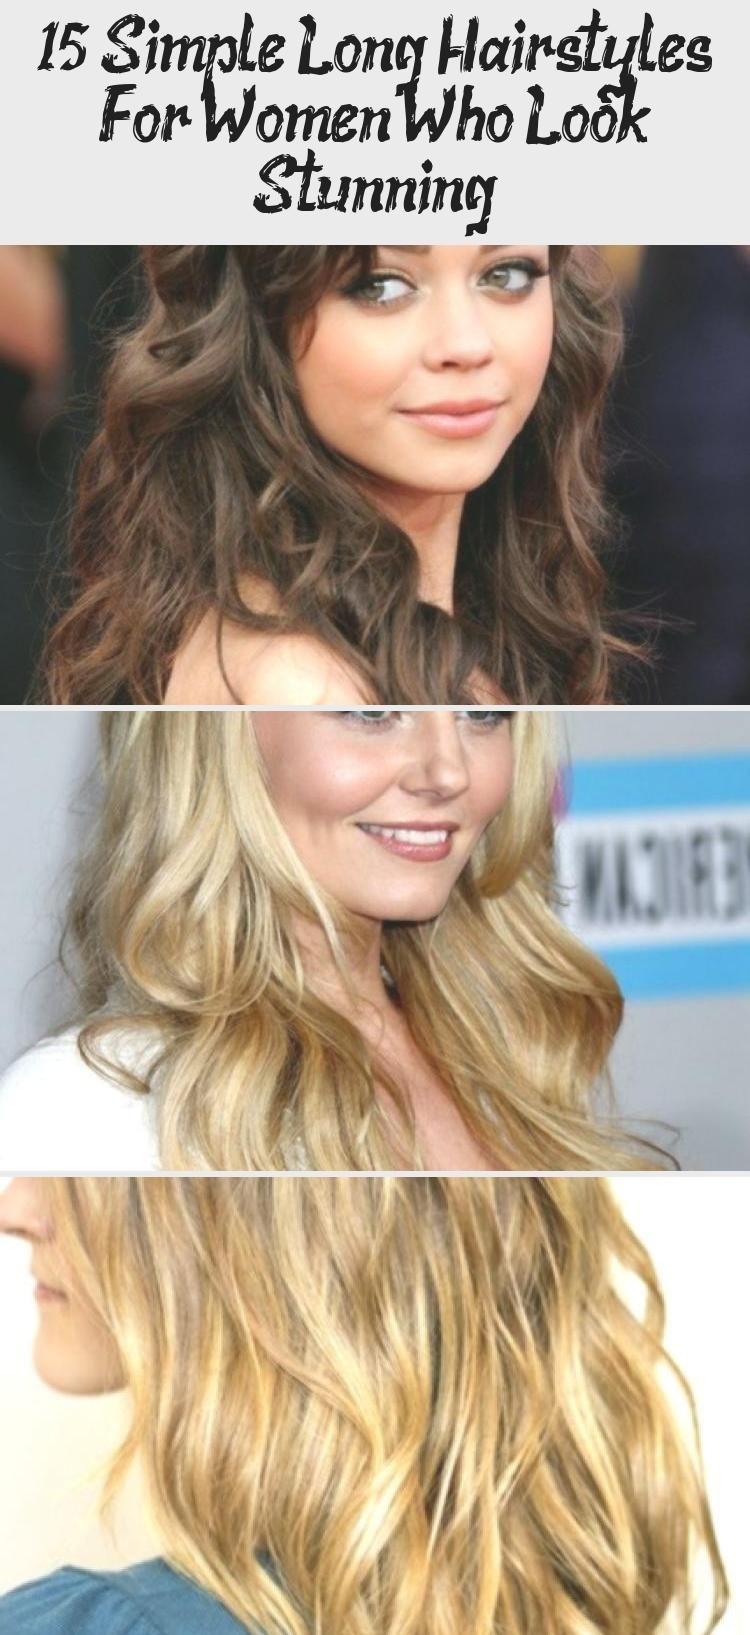 15 einfache lange Frisuren für Frauen, die atemberaubend aussehen – Sky's Blog